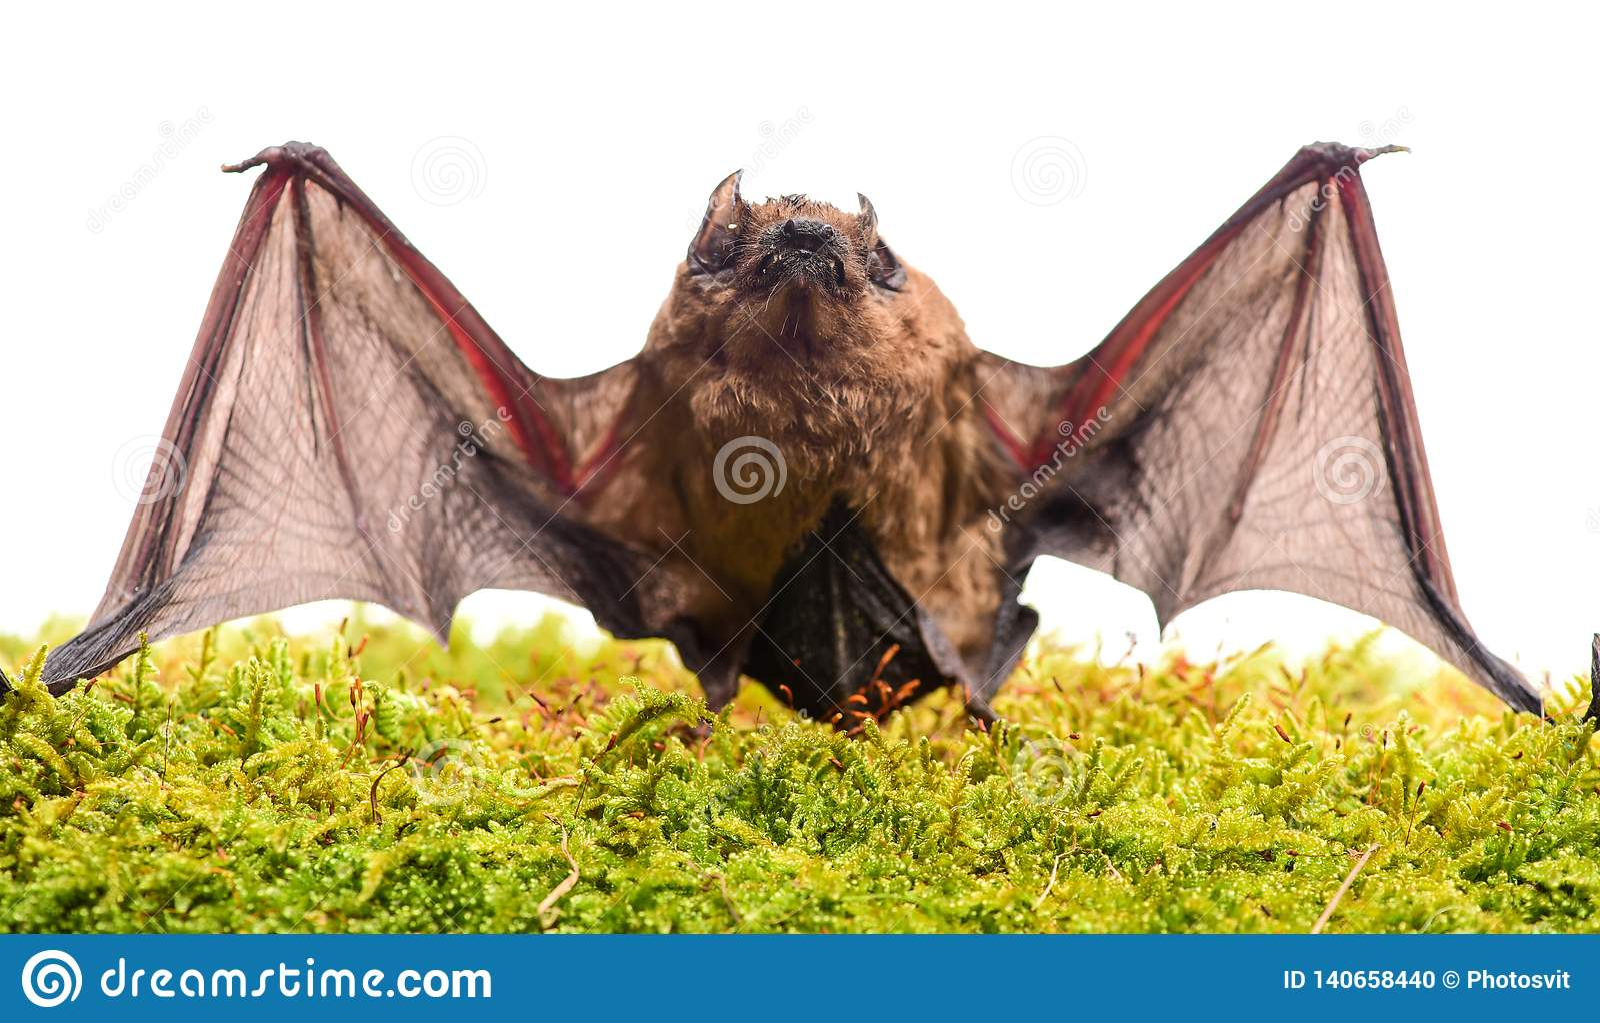 Natura selvaggia Forelimbs adattati come ali Mammiferi naturalmente capaci del volo vero e continuo Il pipistrello emette ultraso